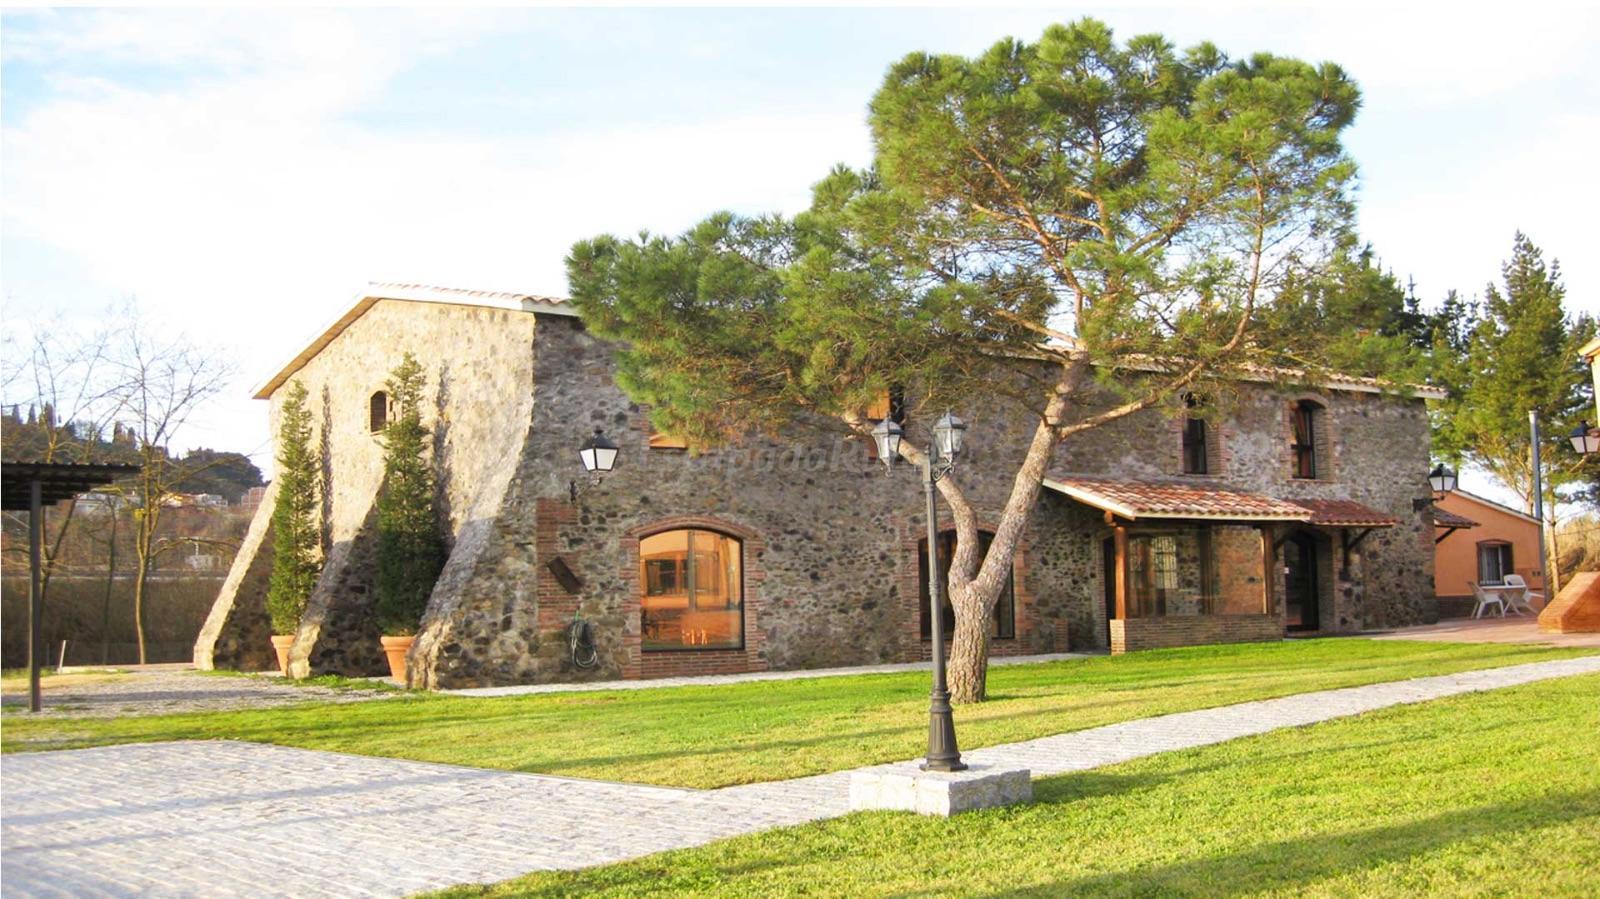 Fotos de mas caputxa casa rural en hostalric girona - Casa rural mas rosello ...